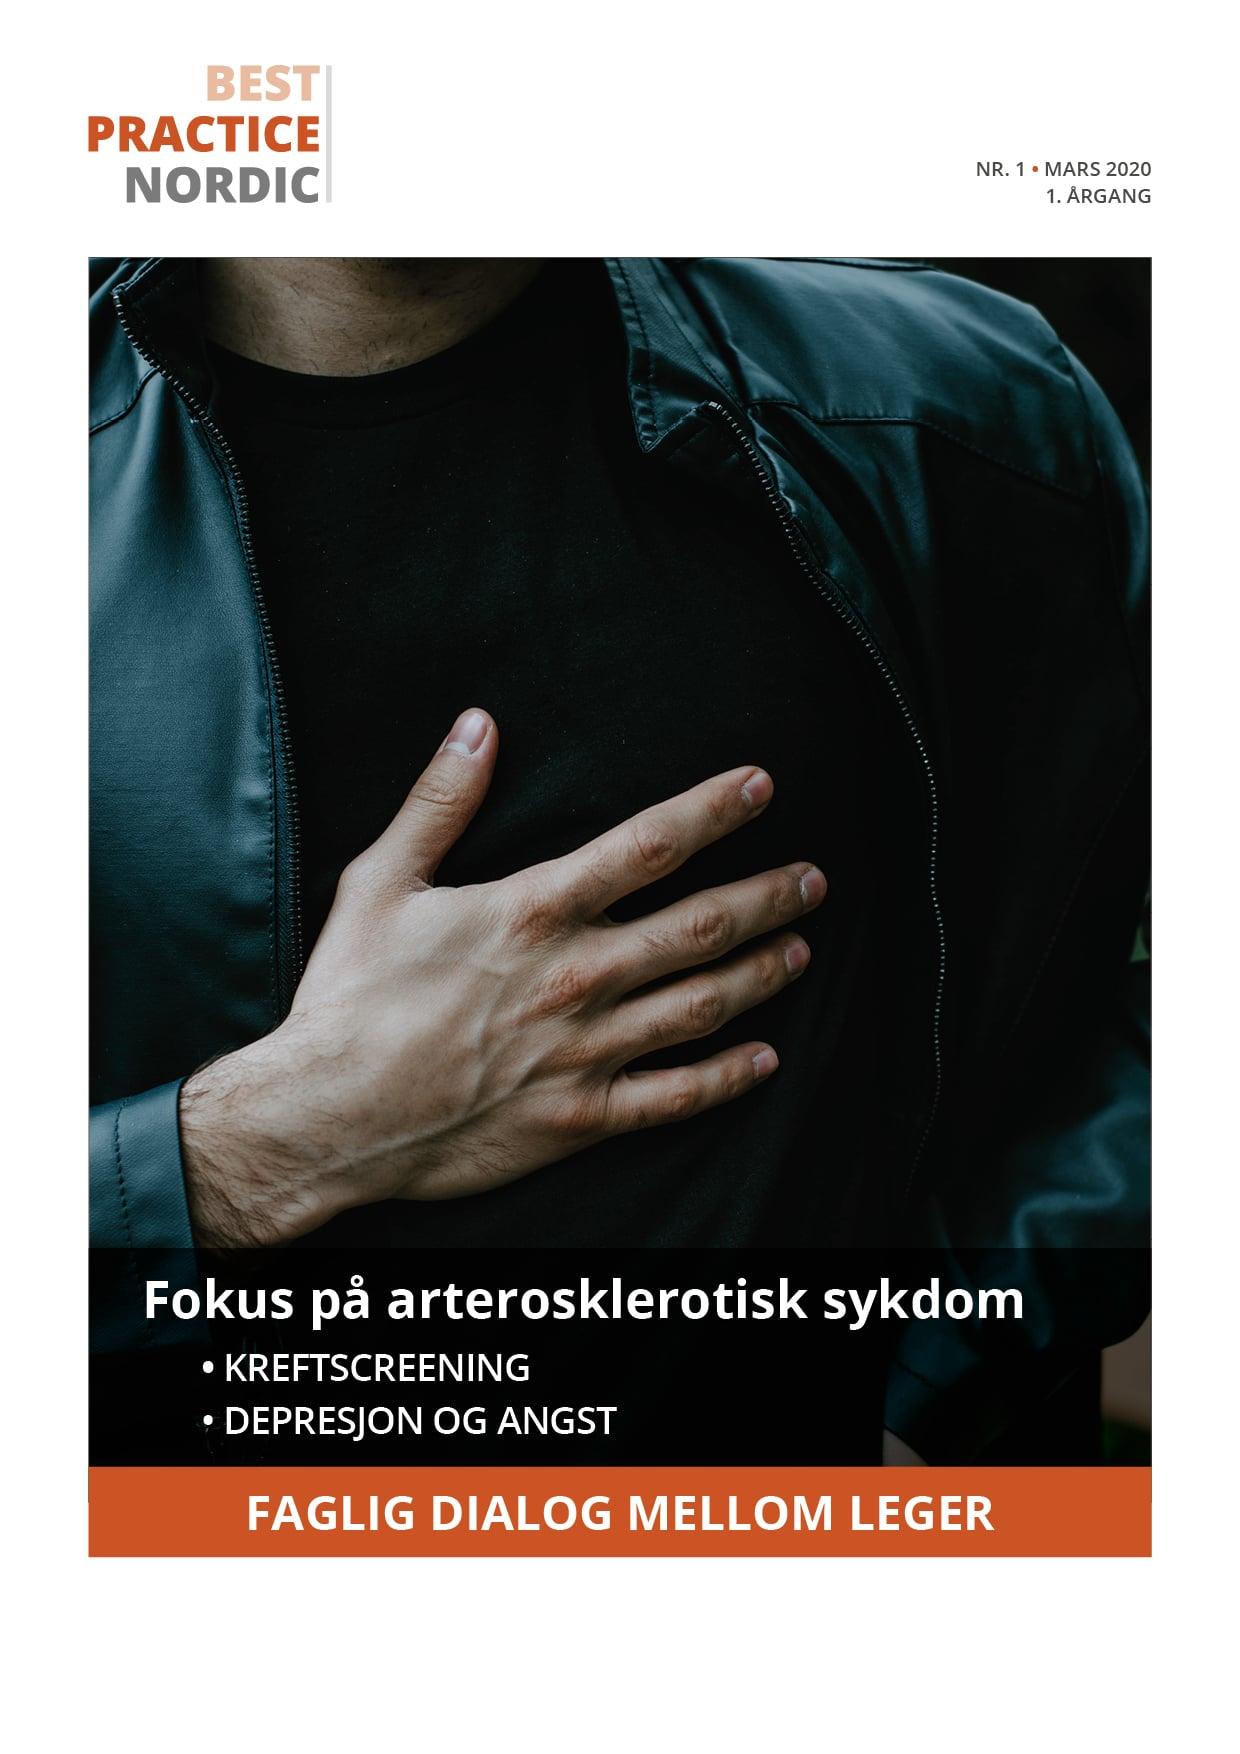 BestPractice Nordic